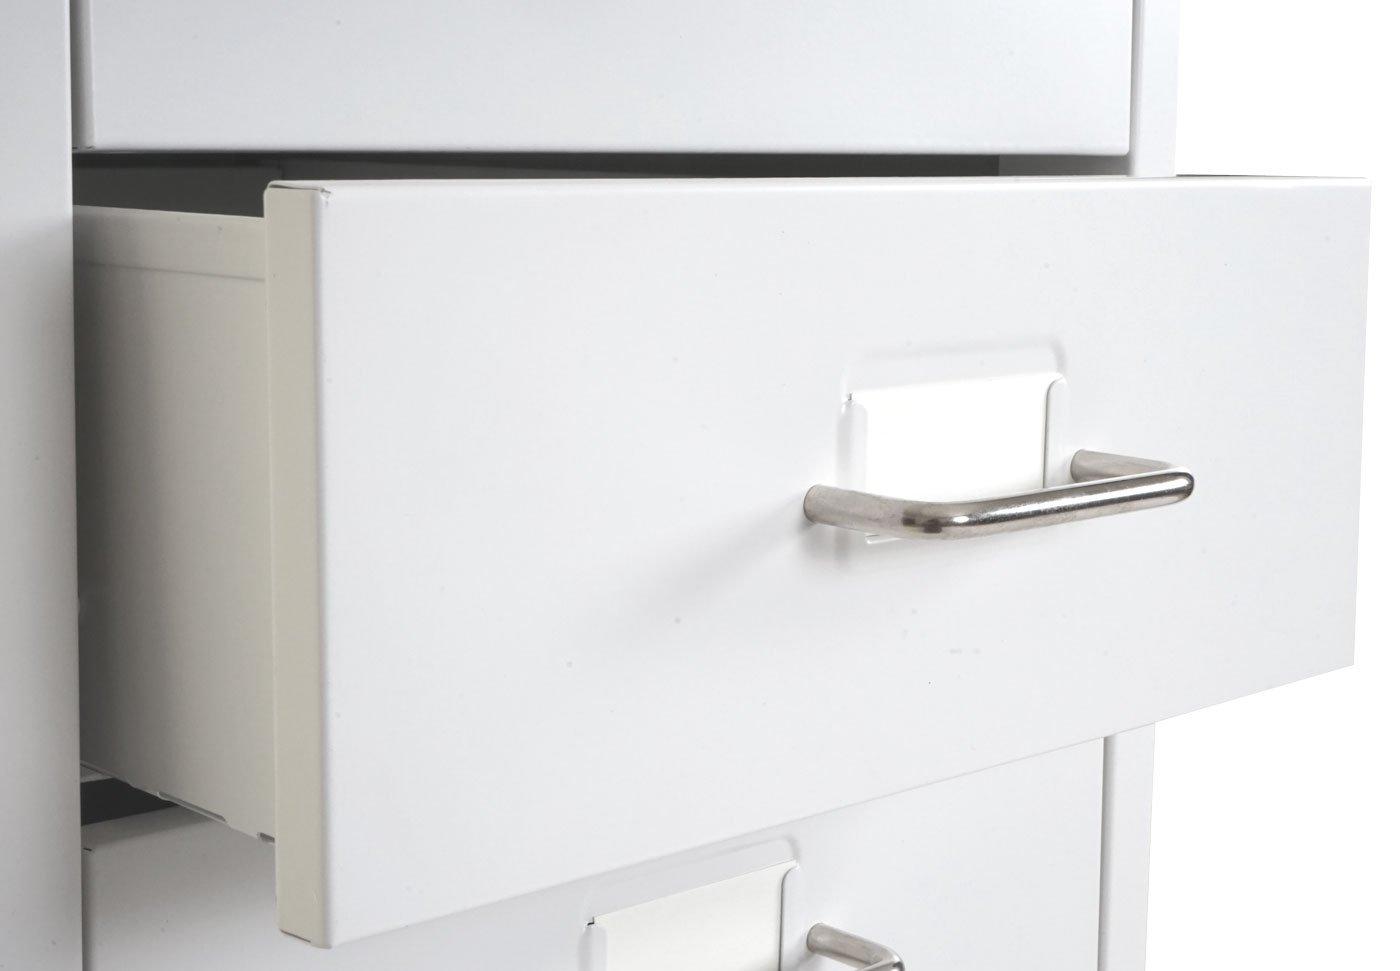 Mendler Cassettiera armadietto Ufficio Boston T851 con Ruote 8 cassetti 109x28x44cm Bianco